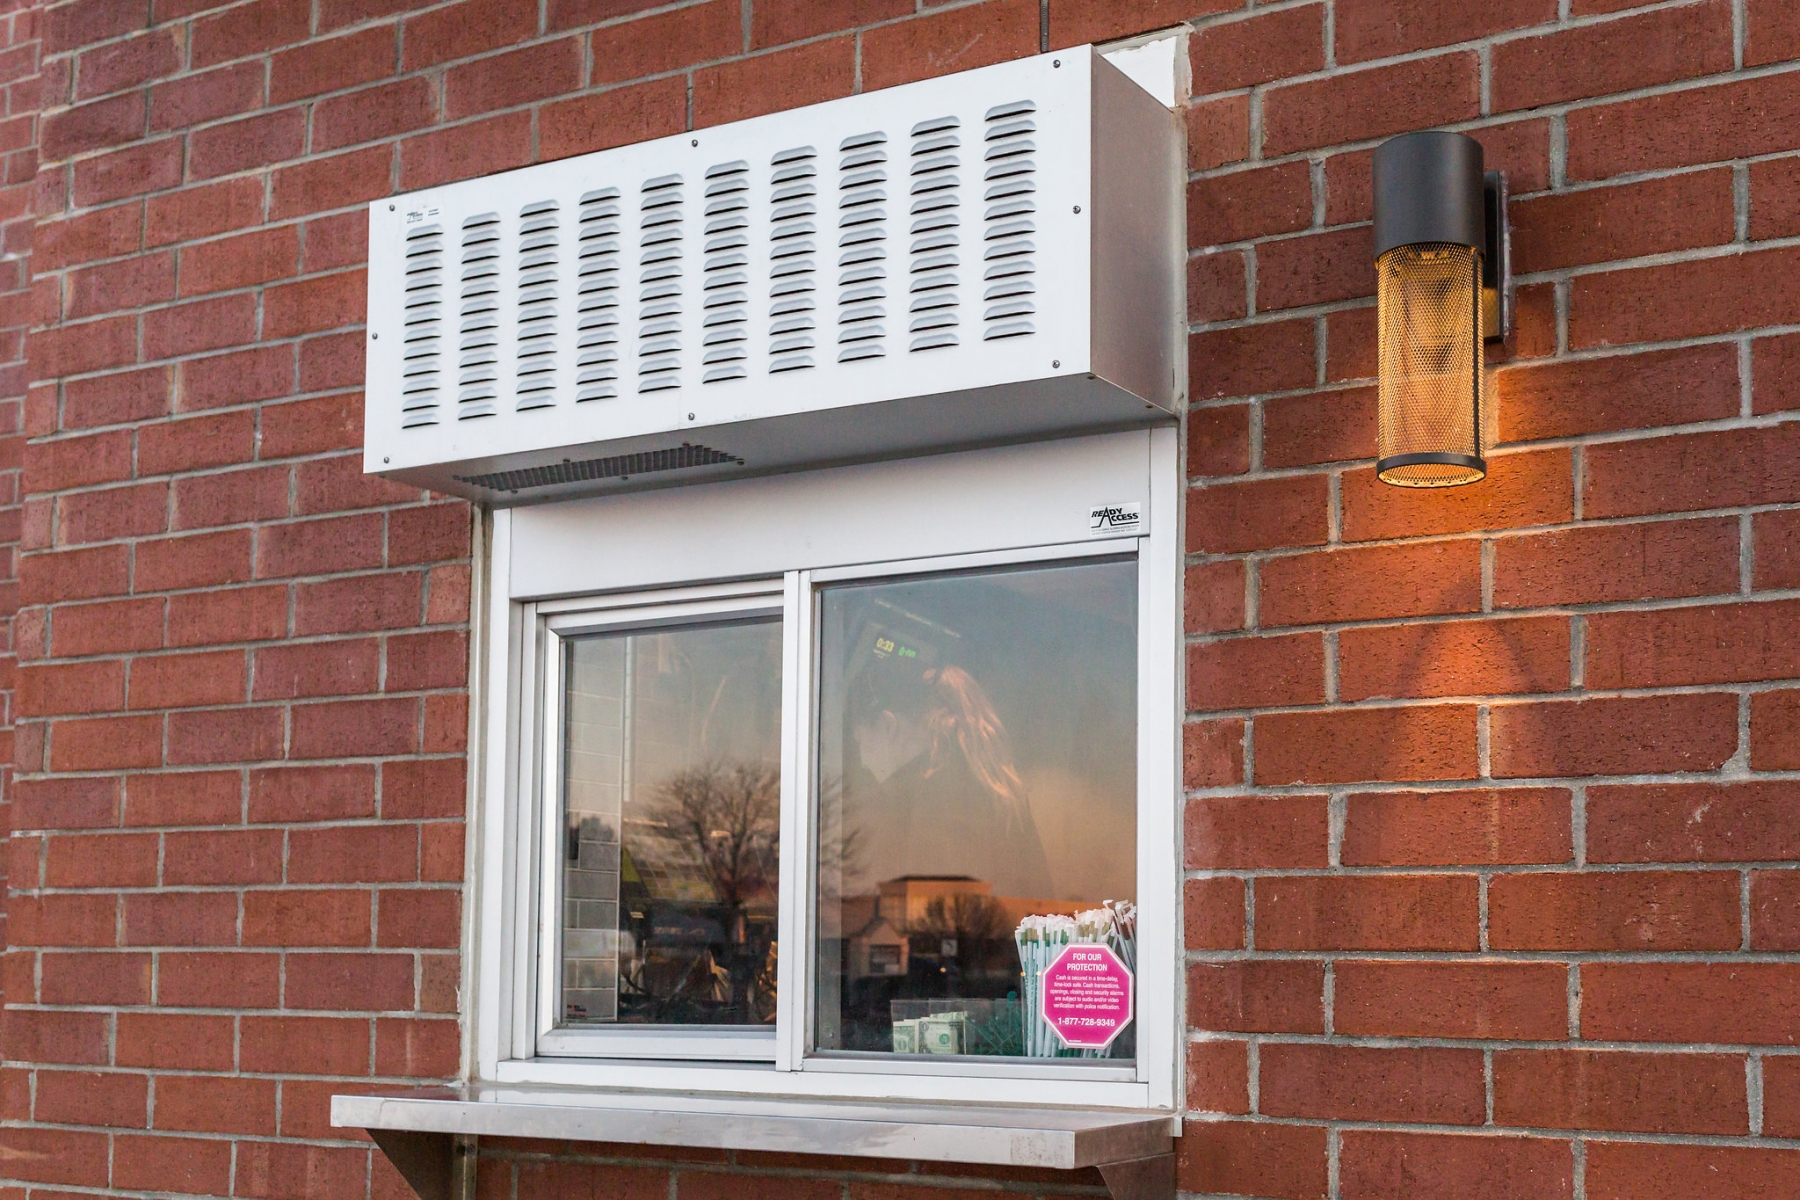 275 with AA300 heated air curtain & shelf